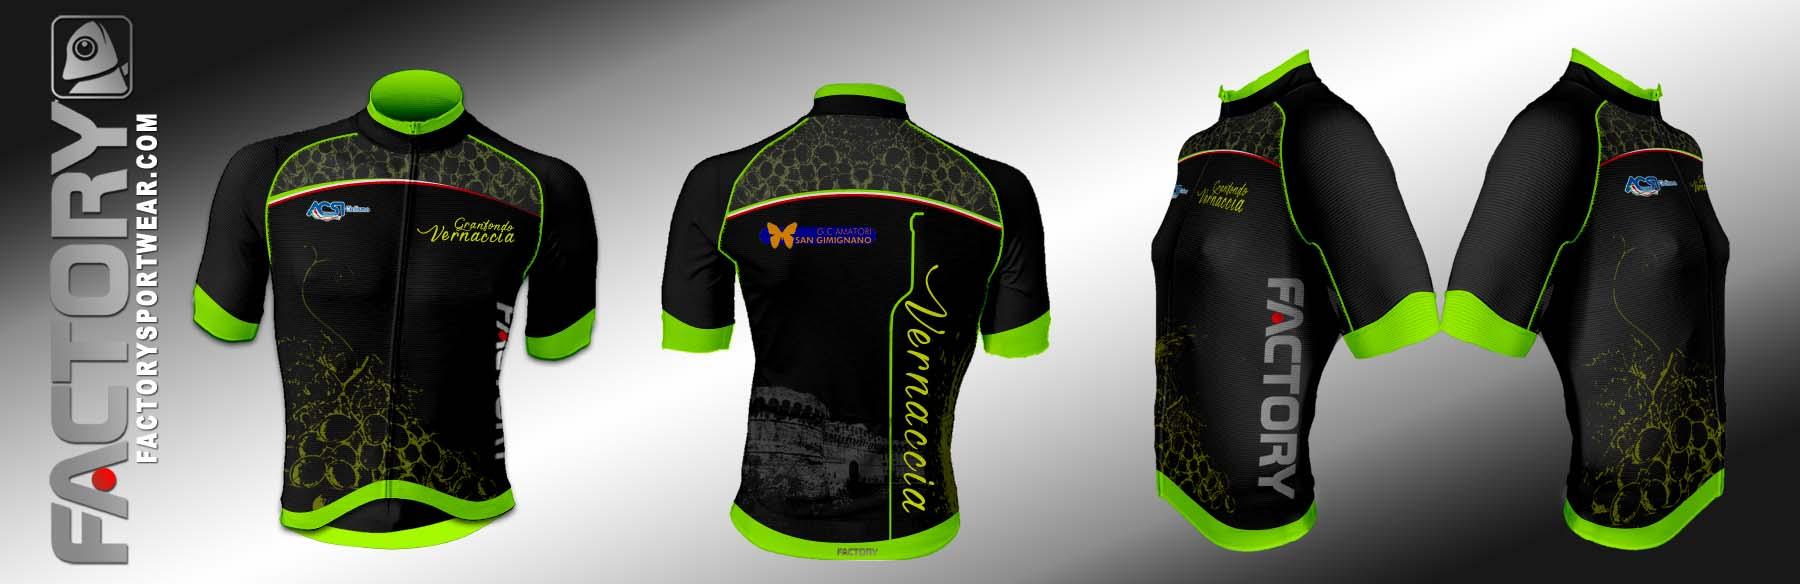 Factory sport wear Mocaco15 granfondo della vernaccia2 acquisto online